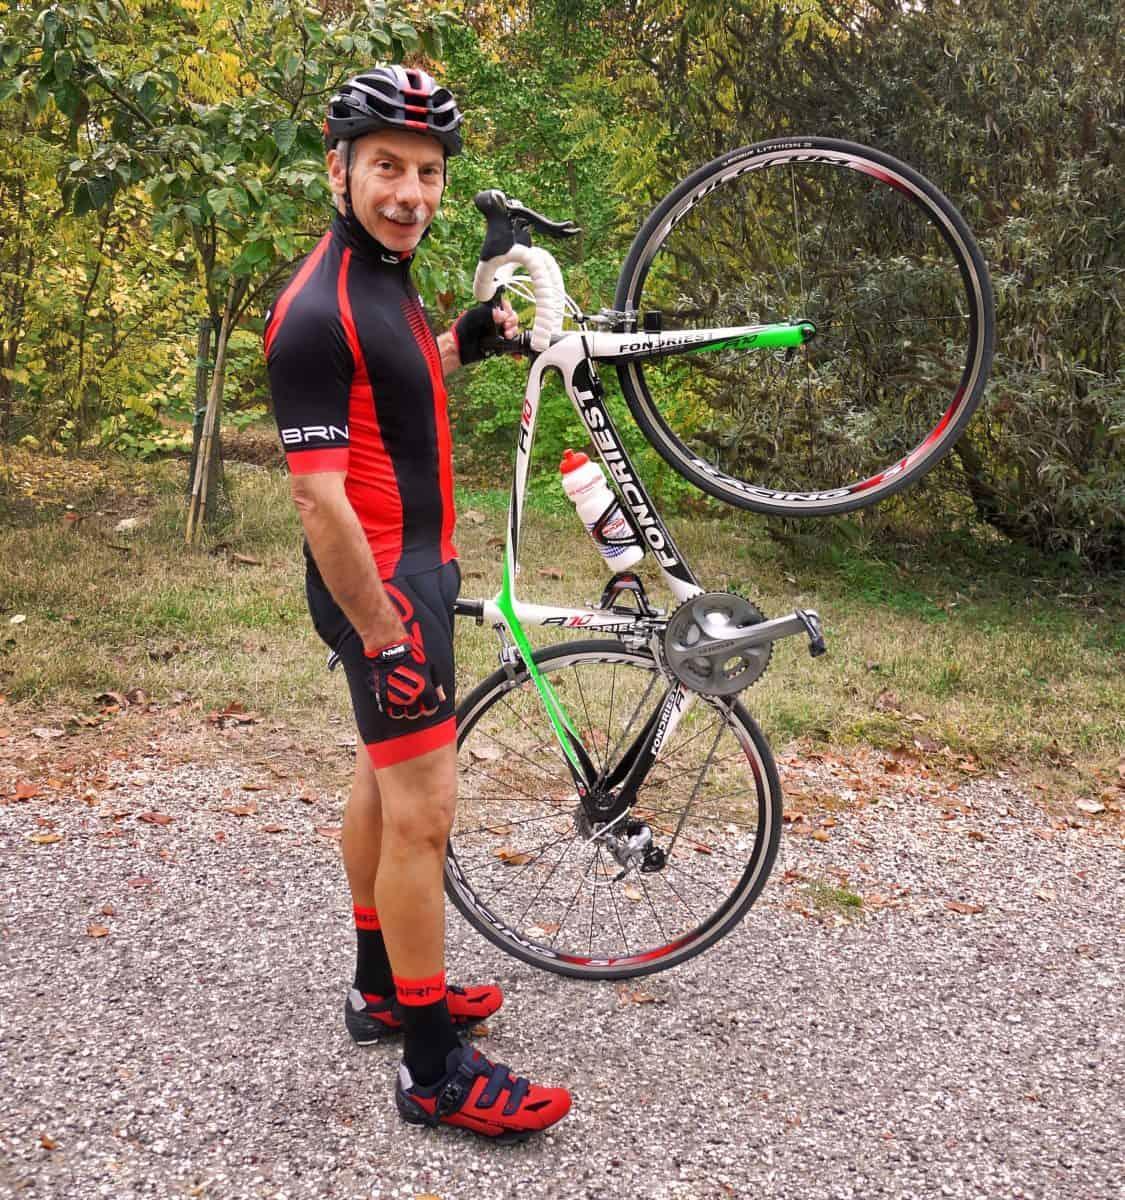 Giovanni Storti e Manima onlus, pedalata solidale per i bambini prematuri